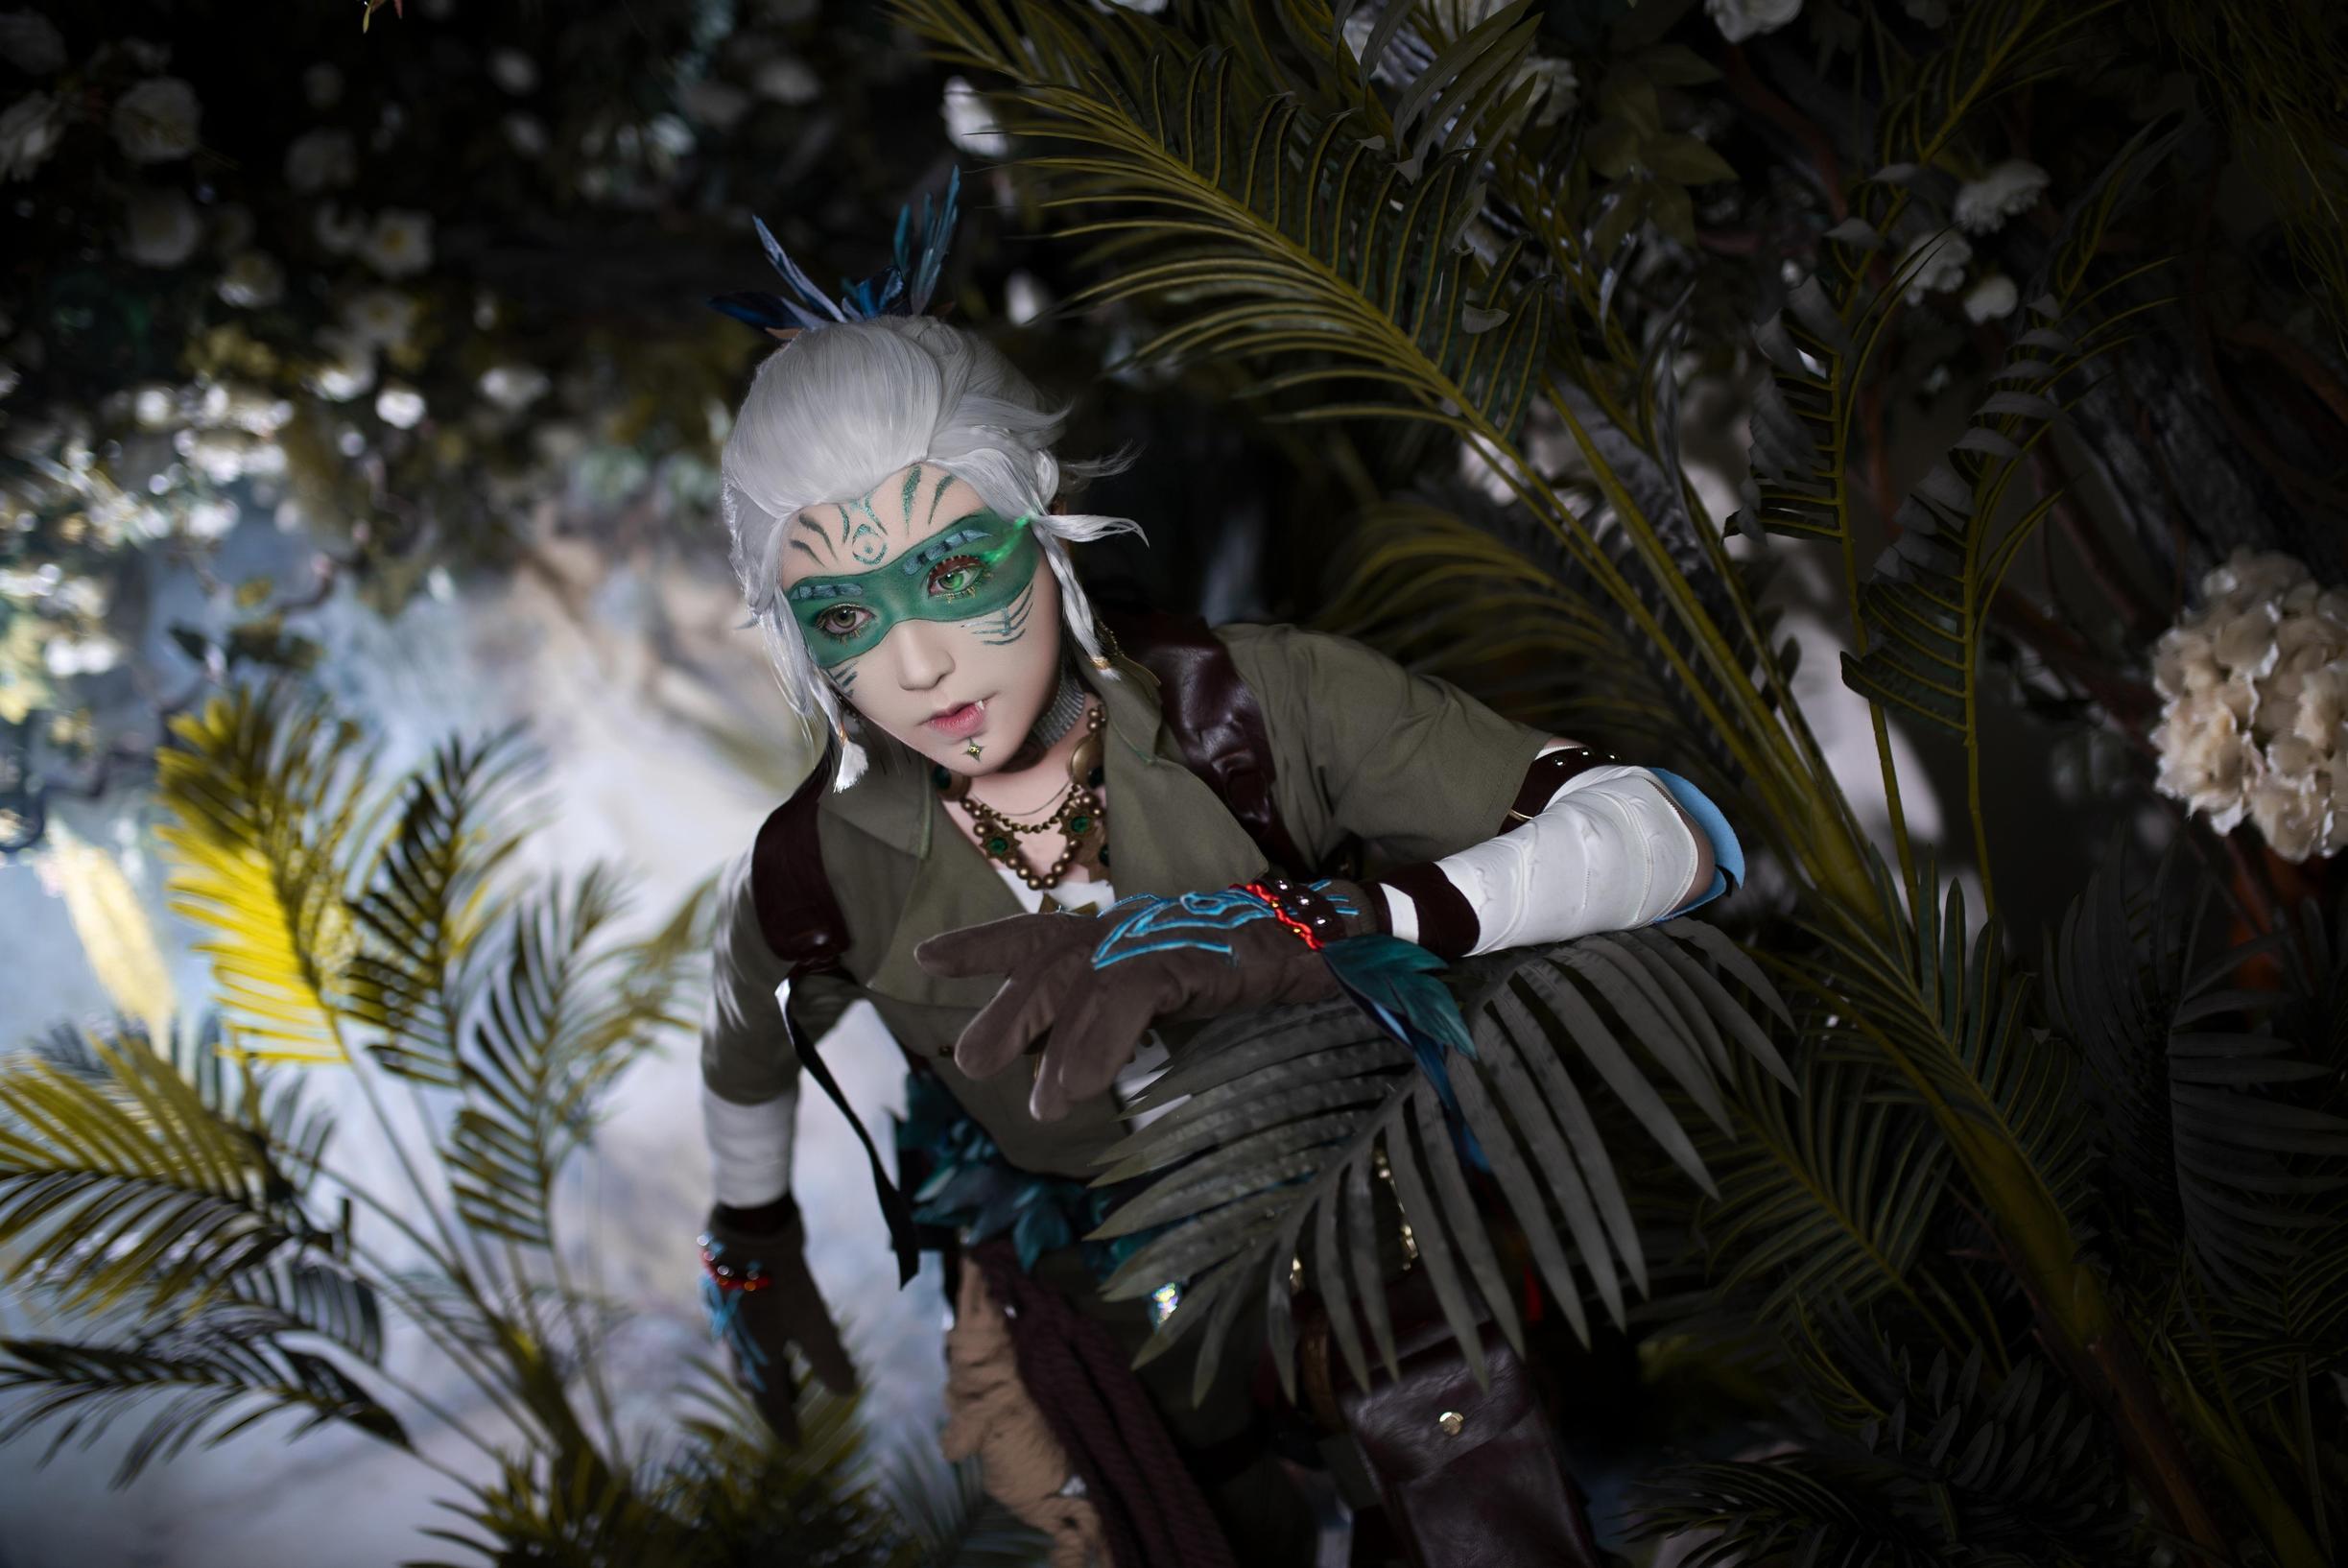 《第五人格》红夫人cosplay【CN:烛九sama】 -cosplay皮衣价格图片精选插图